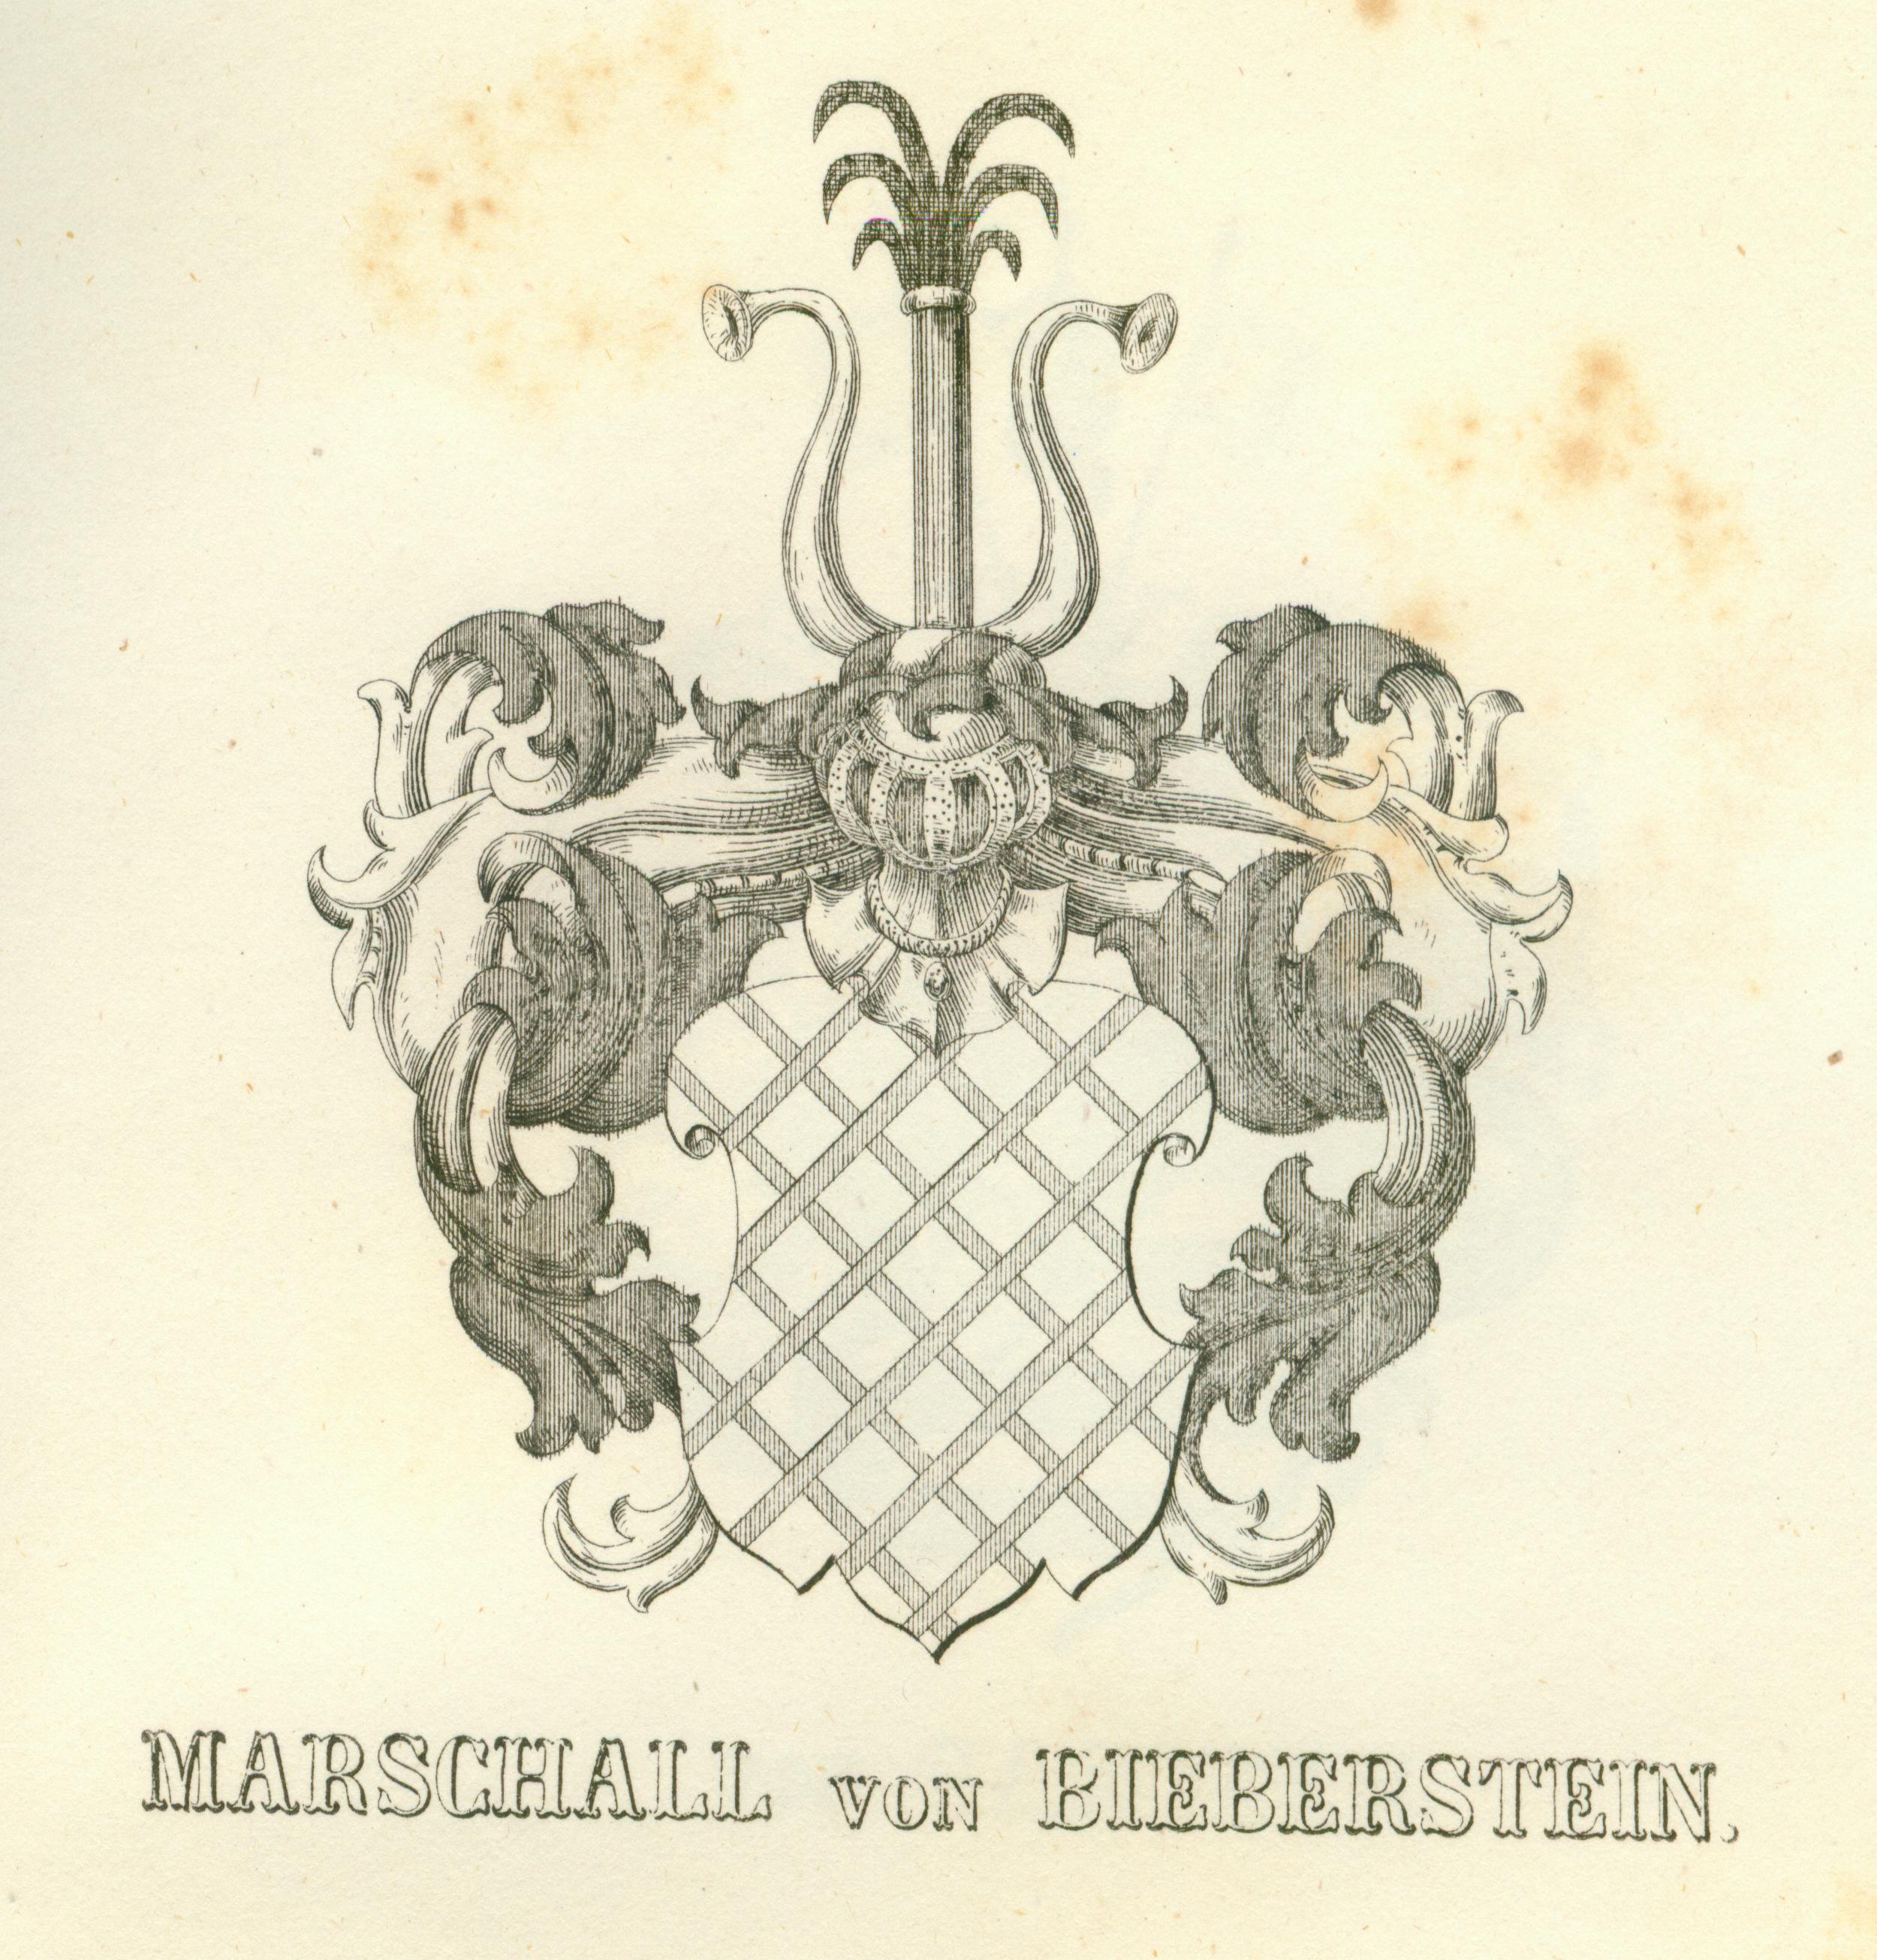 Marschall von Bieberstein